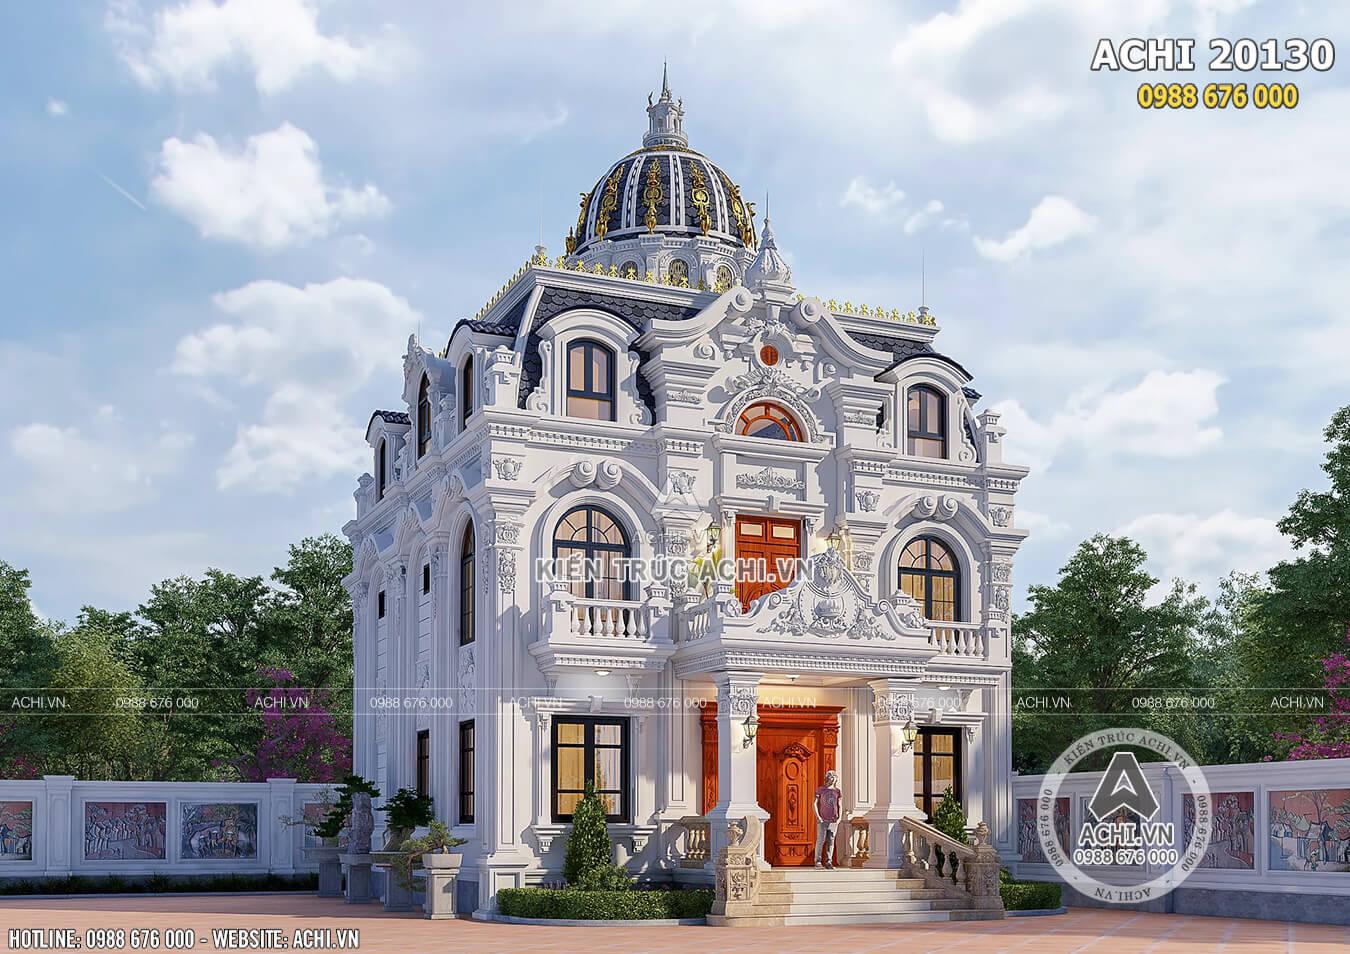 Không gian mặt tiền đẹp hút hồn của mẫu thiết kế biệt thự tân cổ điển đẹp